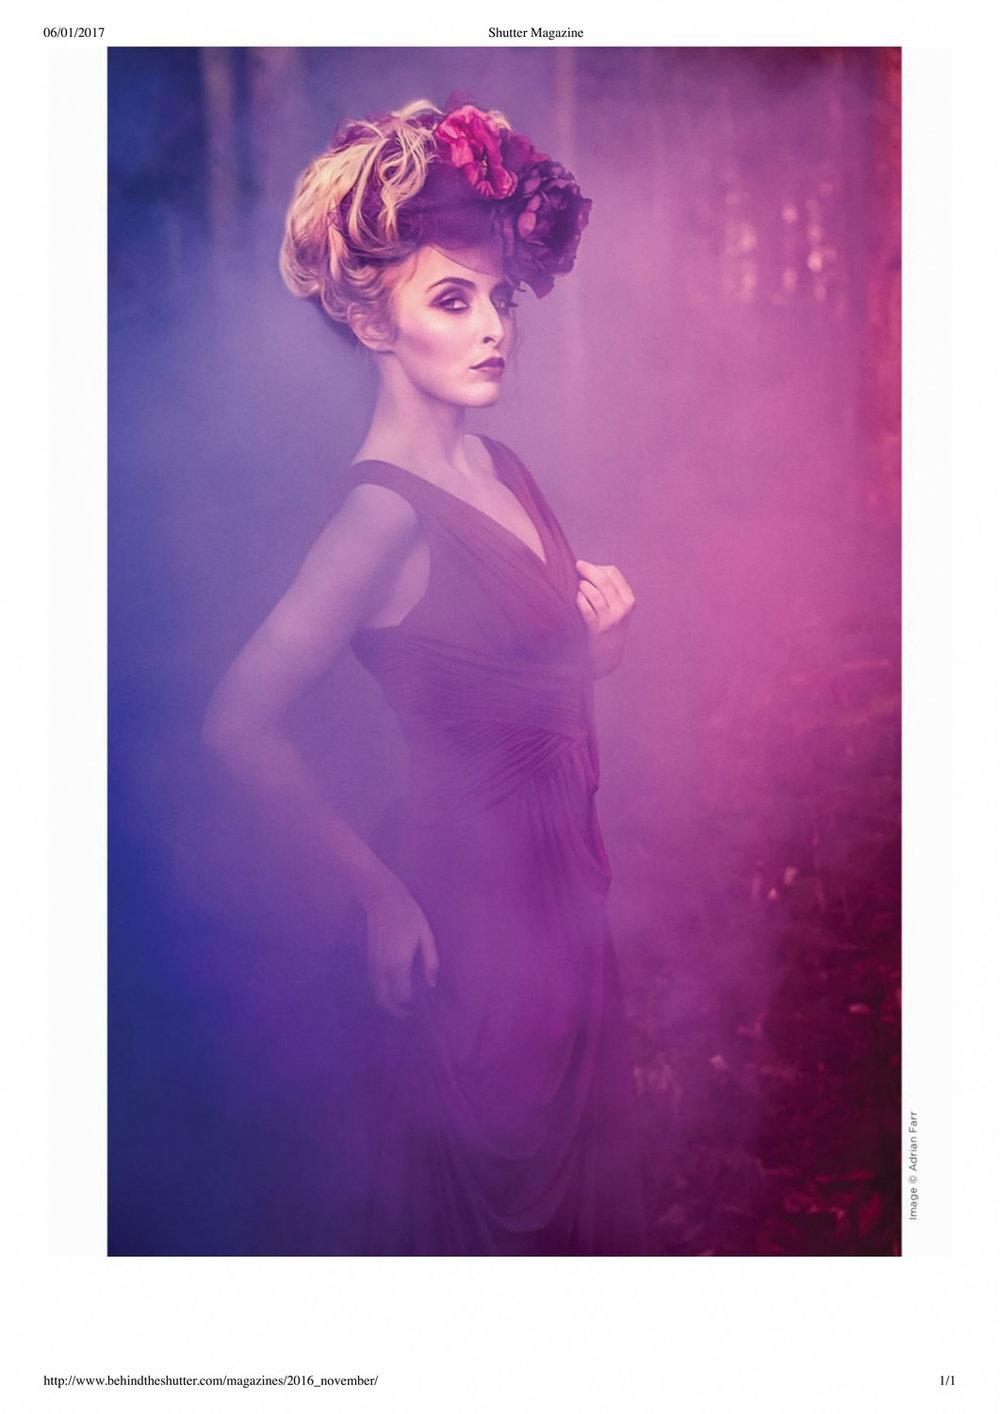 Shutter-Magazine-Nov-2016-Adrian-Farr-Fantasy-Art.jpg